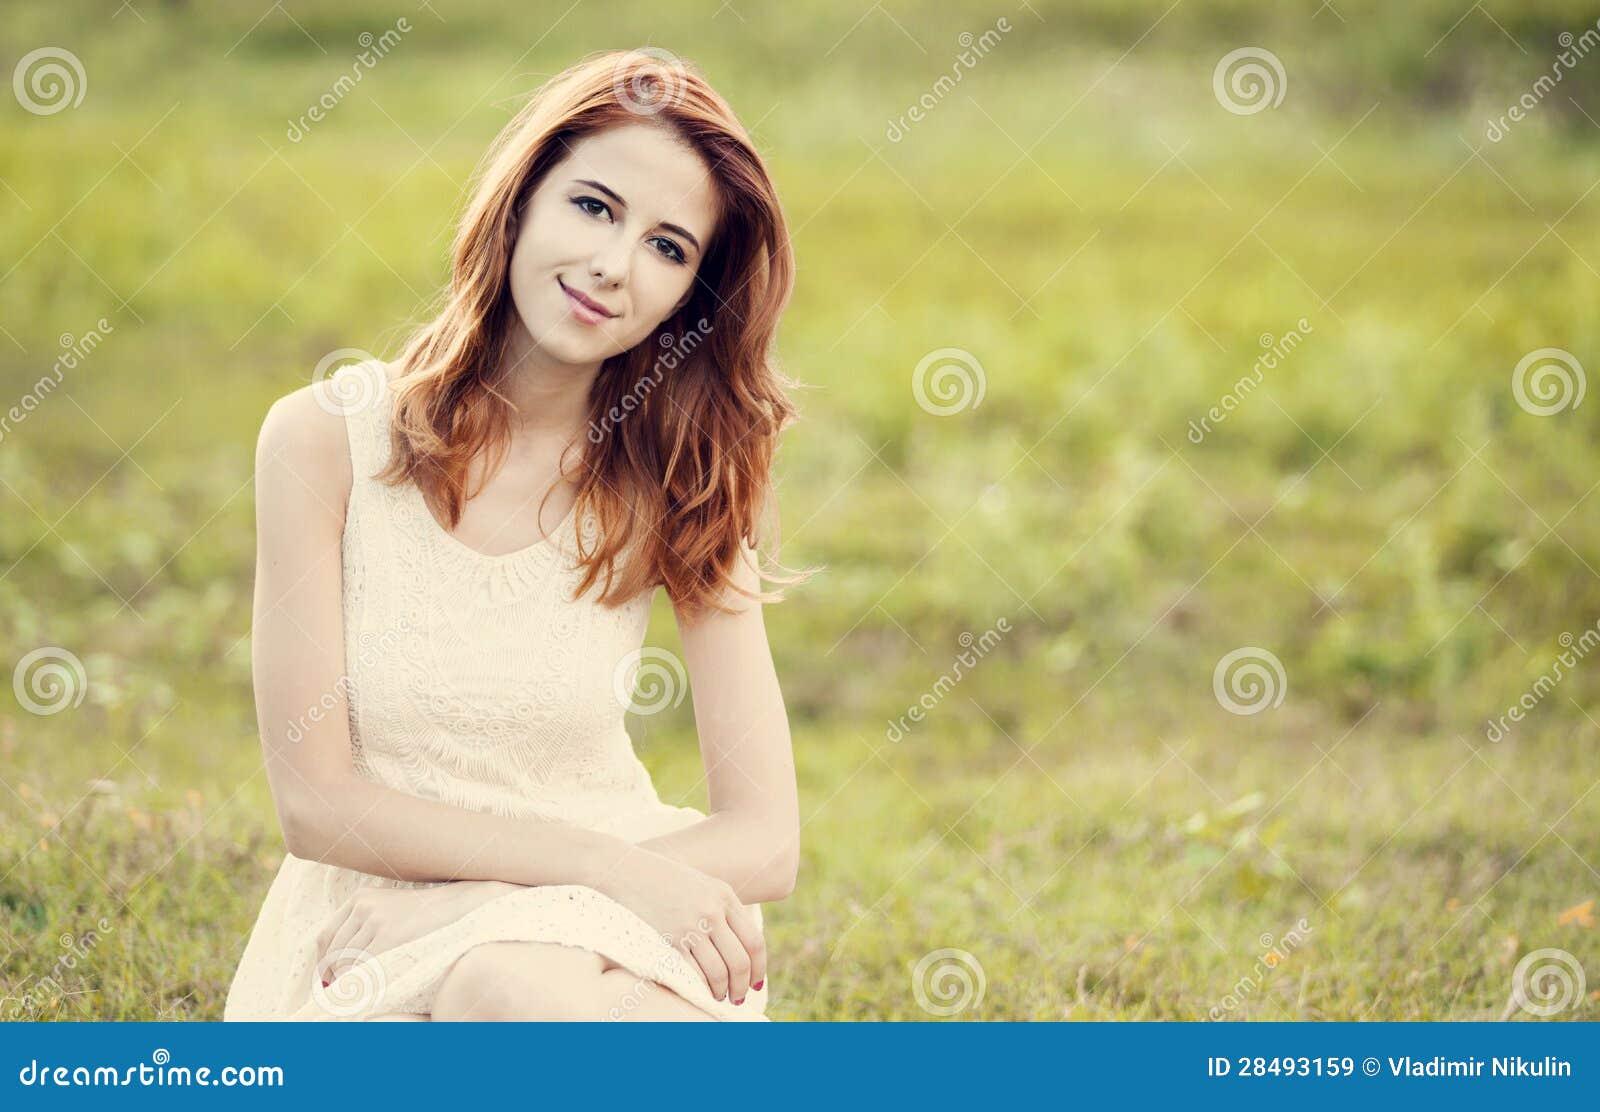 Free redhead xxx sex pics-8127